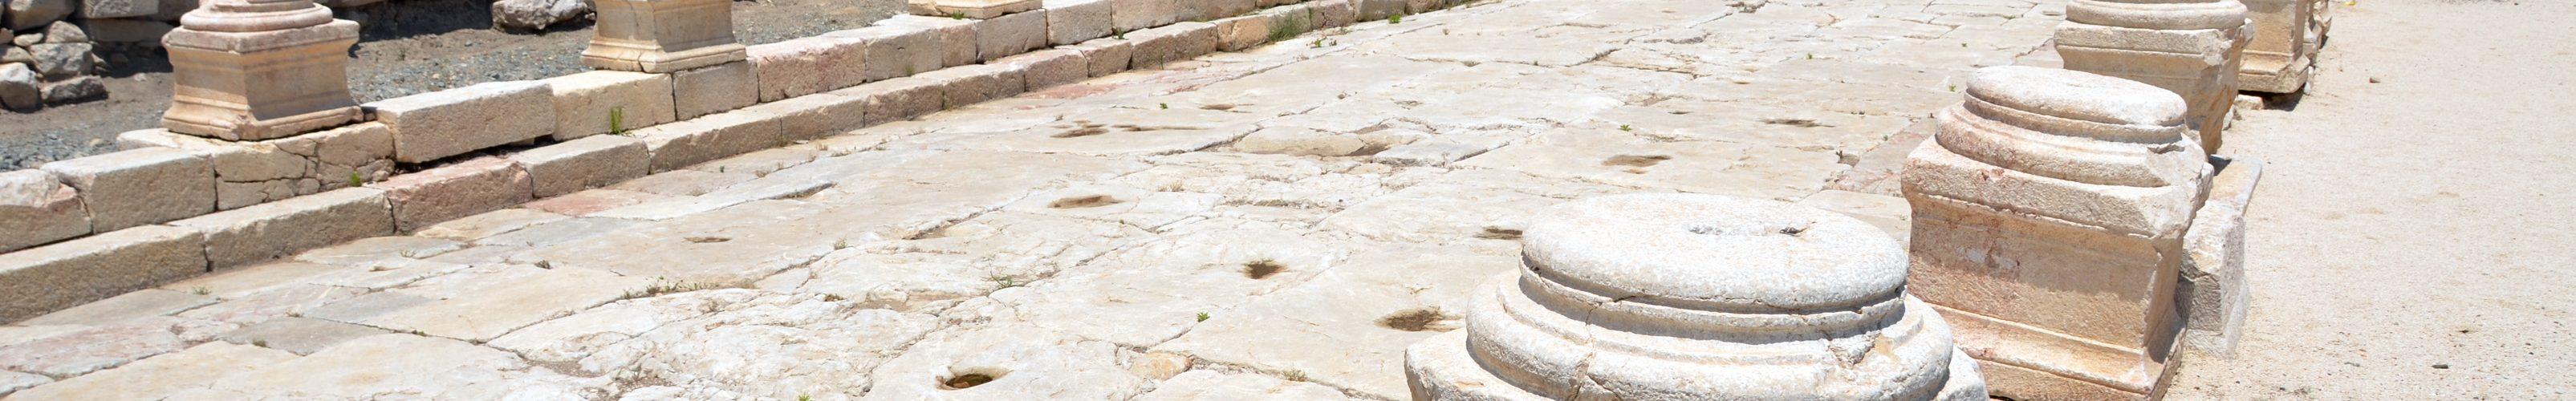 مدينة أفسس الأثرية